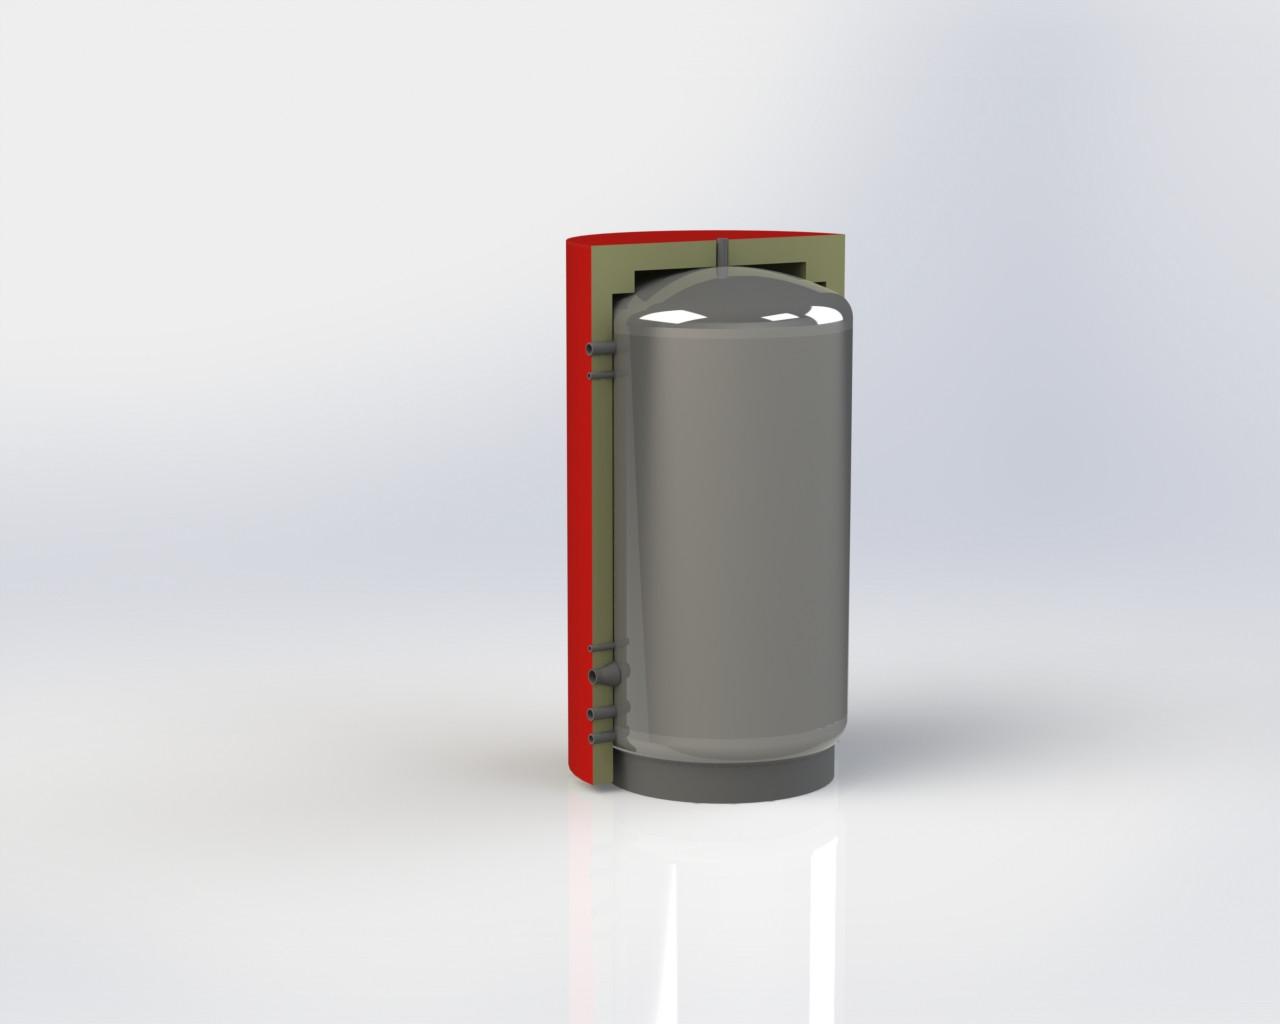 Буферная емкость ЕАМ-00-750 Kuydych с изоляцией